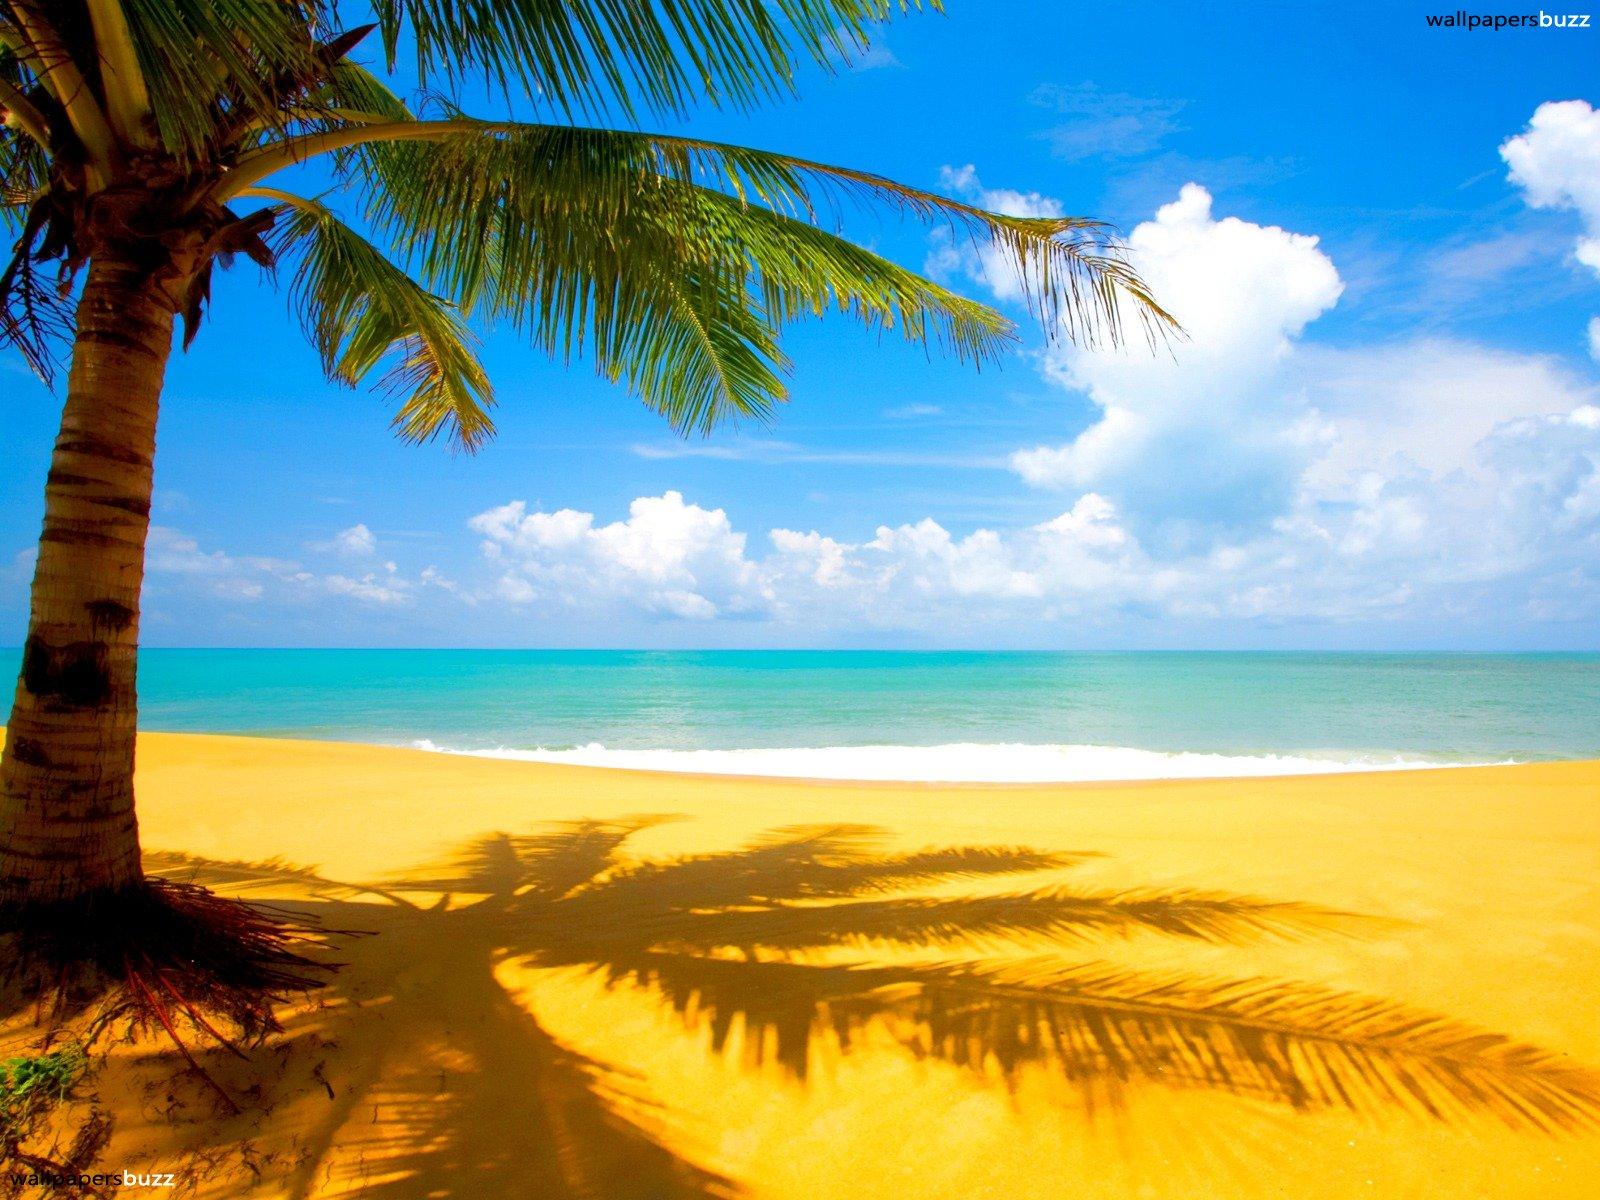 http://4.bp.blogspot.com/-XIvmjG0lGb0/UIpjeBAvOpI/AAAAAAAAAdw/XSinyVe-0IY/s1600/b_aquamarine-sea.jpg